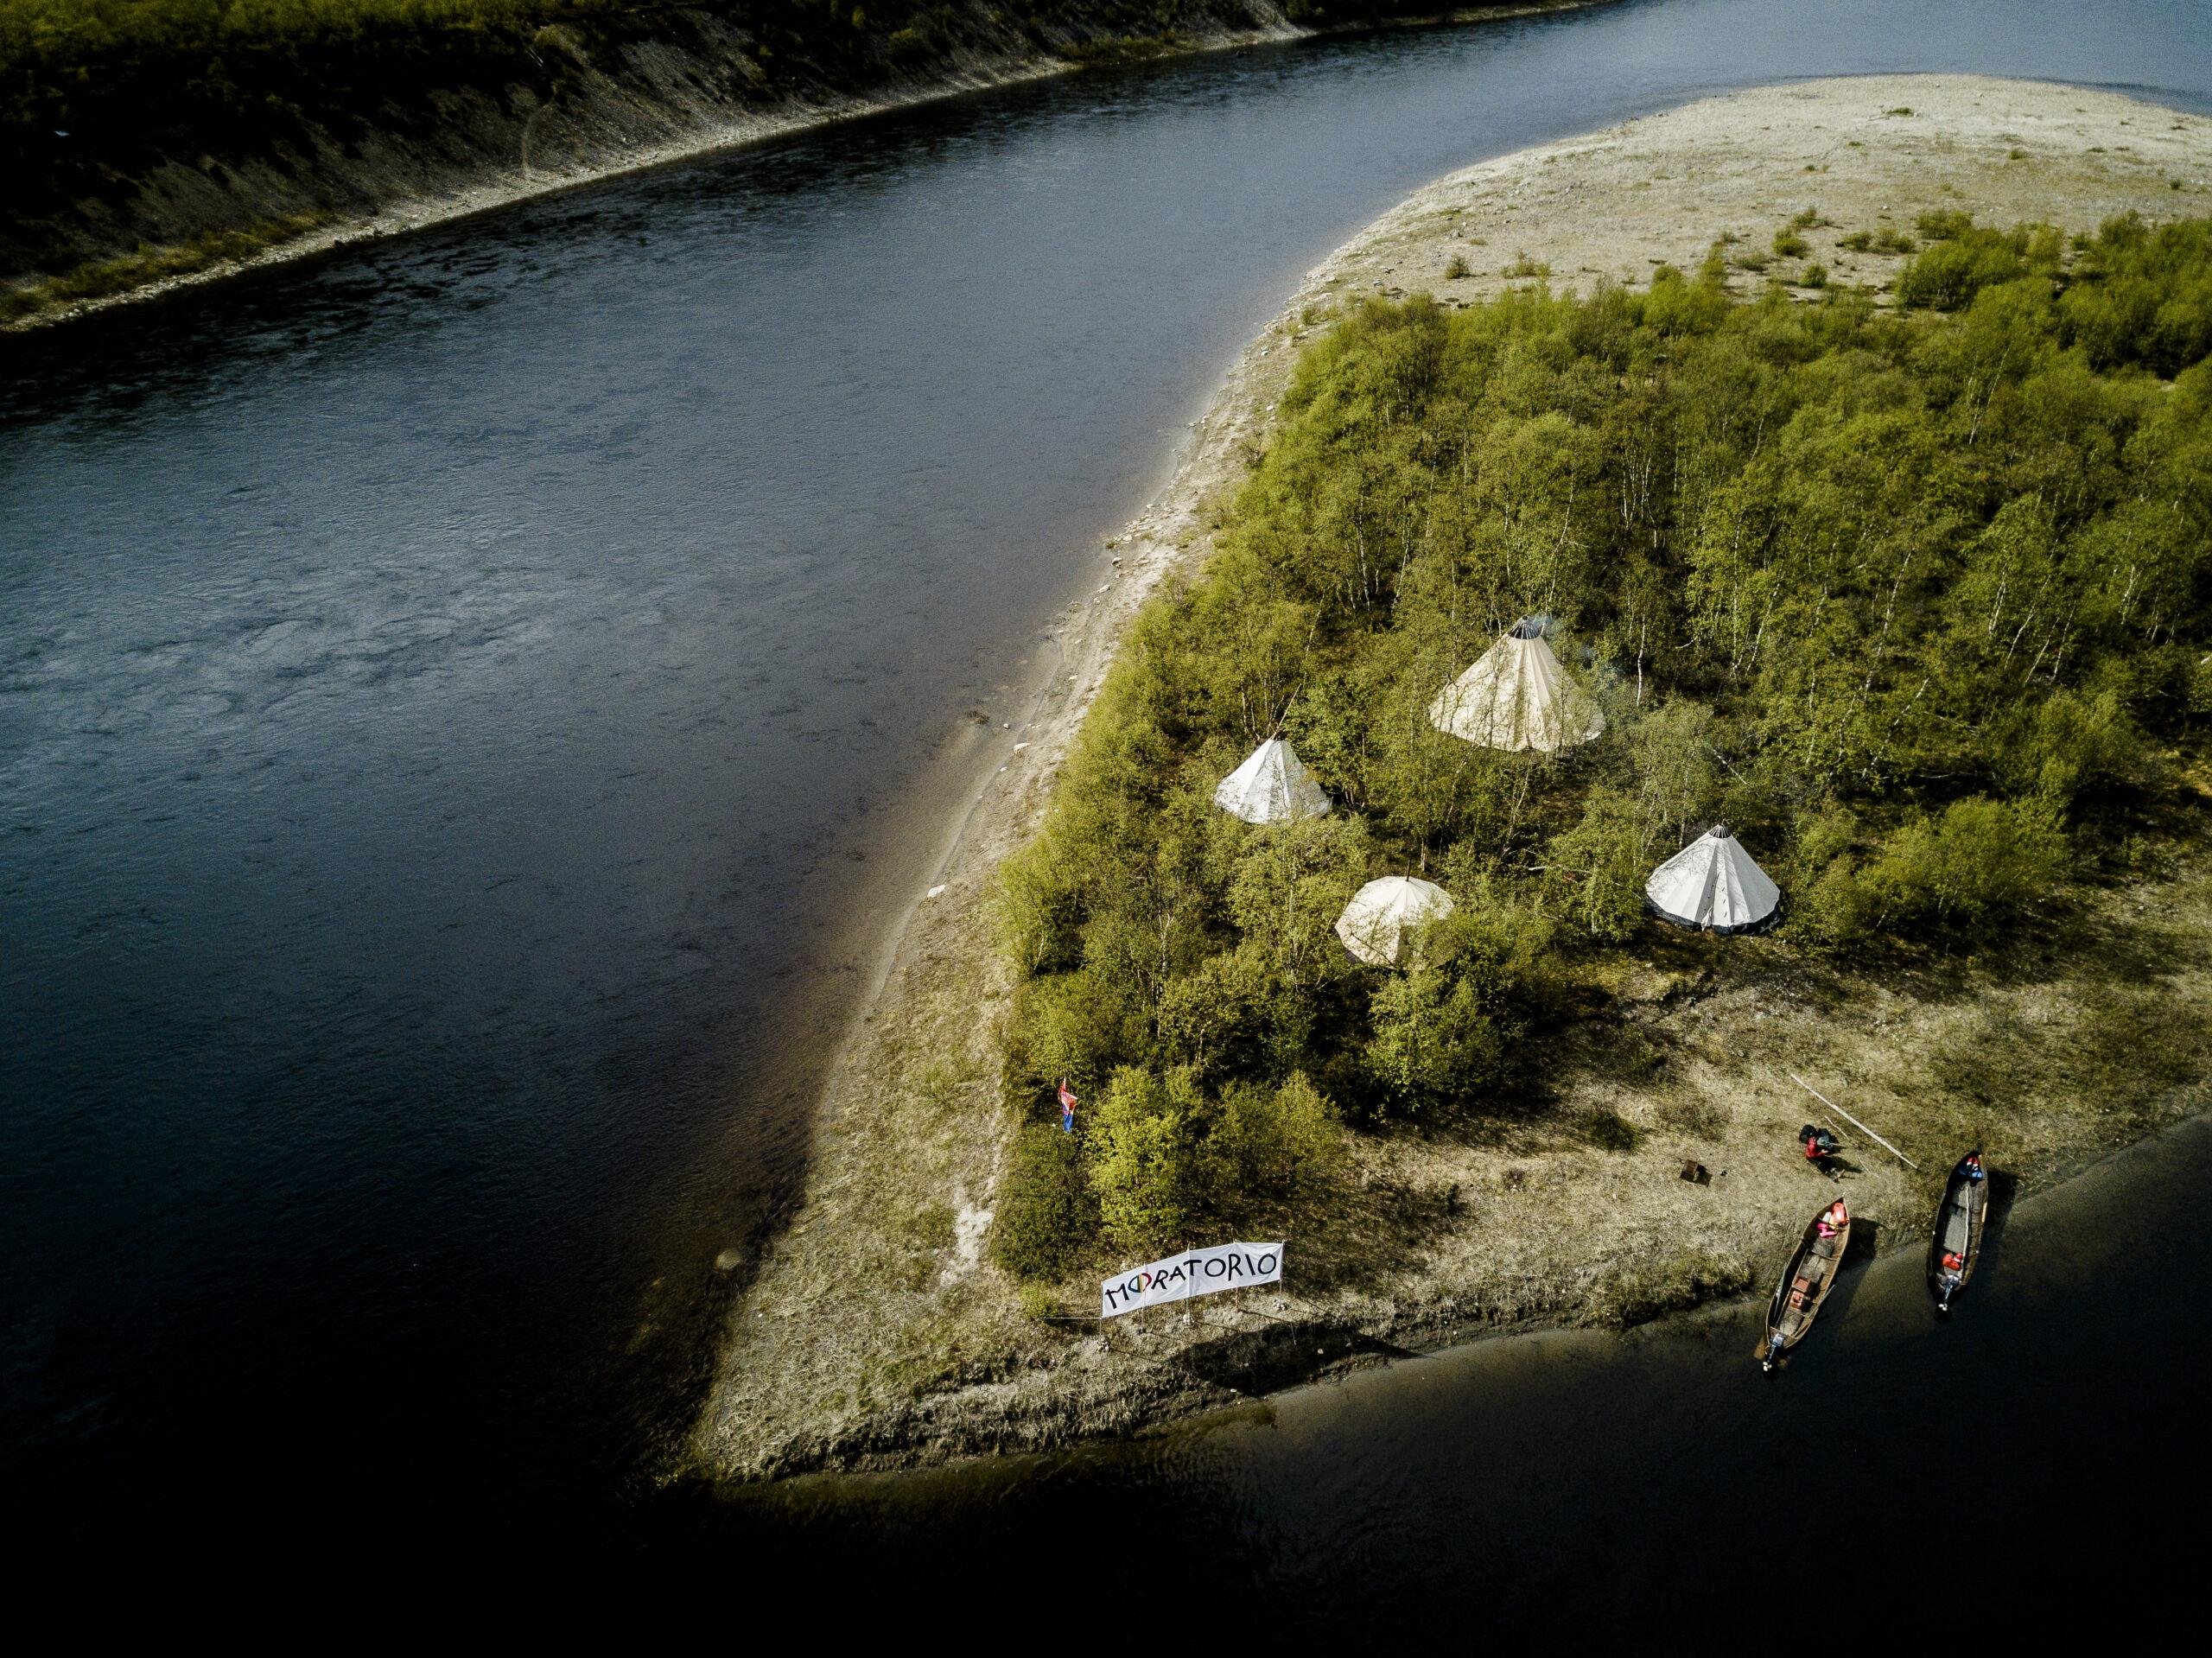 Ei pelkästään leiri, ei pelkästään kalasta. Kansalaistottelemattomuuteen liittyy usein symbolisia elementtejä, niin myös Ellos Deatnu -liikkeen leiriin. Kyse ei ole vain tästä tilasta, vaan verrattomasti suuremmasta asiasta, jonka symbolisena esityksenä tämä leiri toimii. Samoin kalastuskiistassa on kyse paljon muustakin kuin vain kalastusoikeuksista.